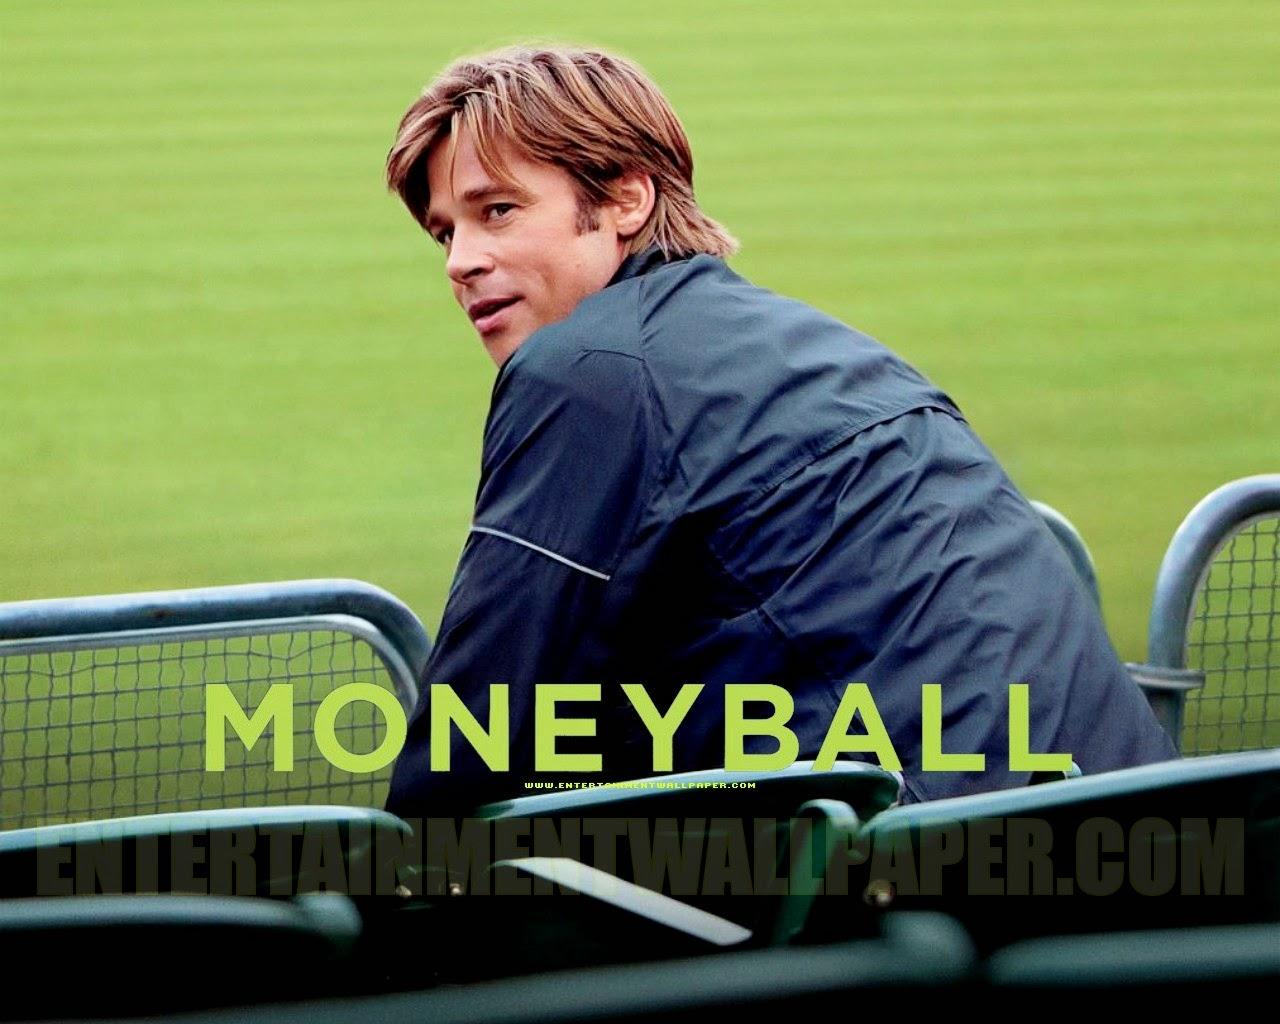 Moneyball. Brad Pitt